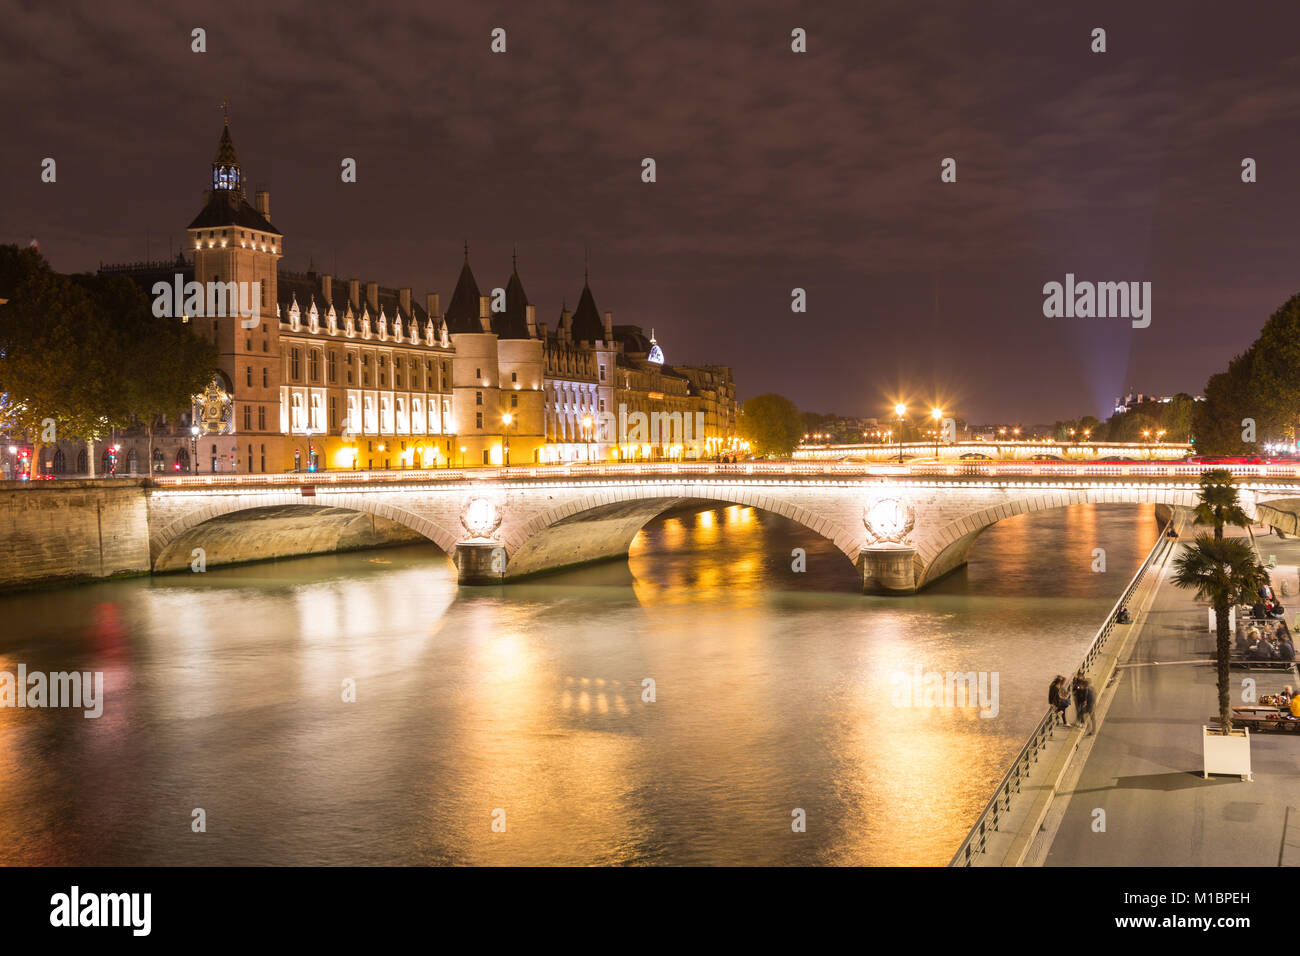 Conciergerie and Pont au Change on the banks of the Seine at night, Île de la Cité, Paris, France - Stock Image